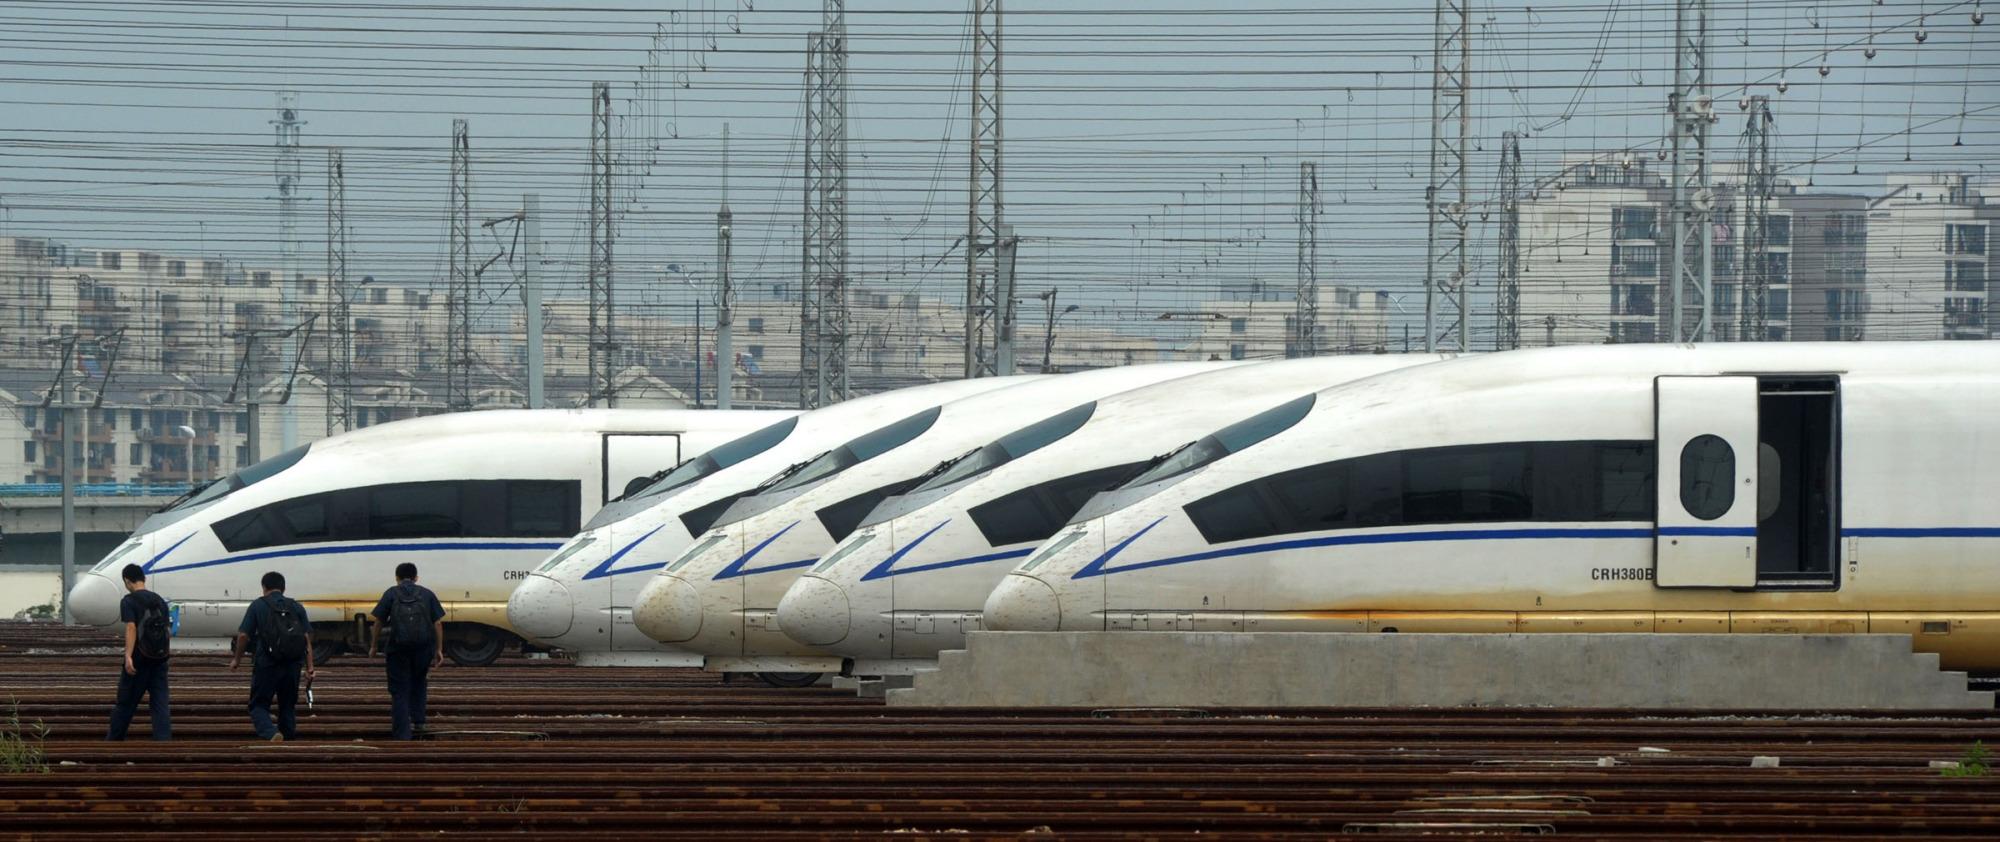 我国将要建设的一条新高铁线,串联3省市,设计时速350公里